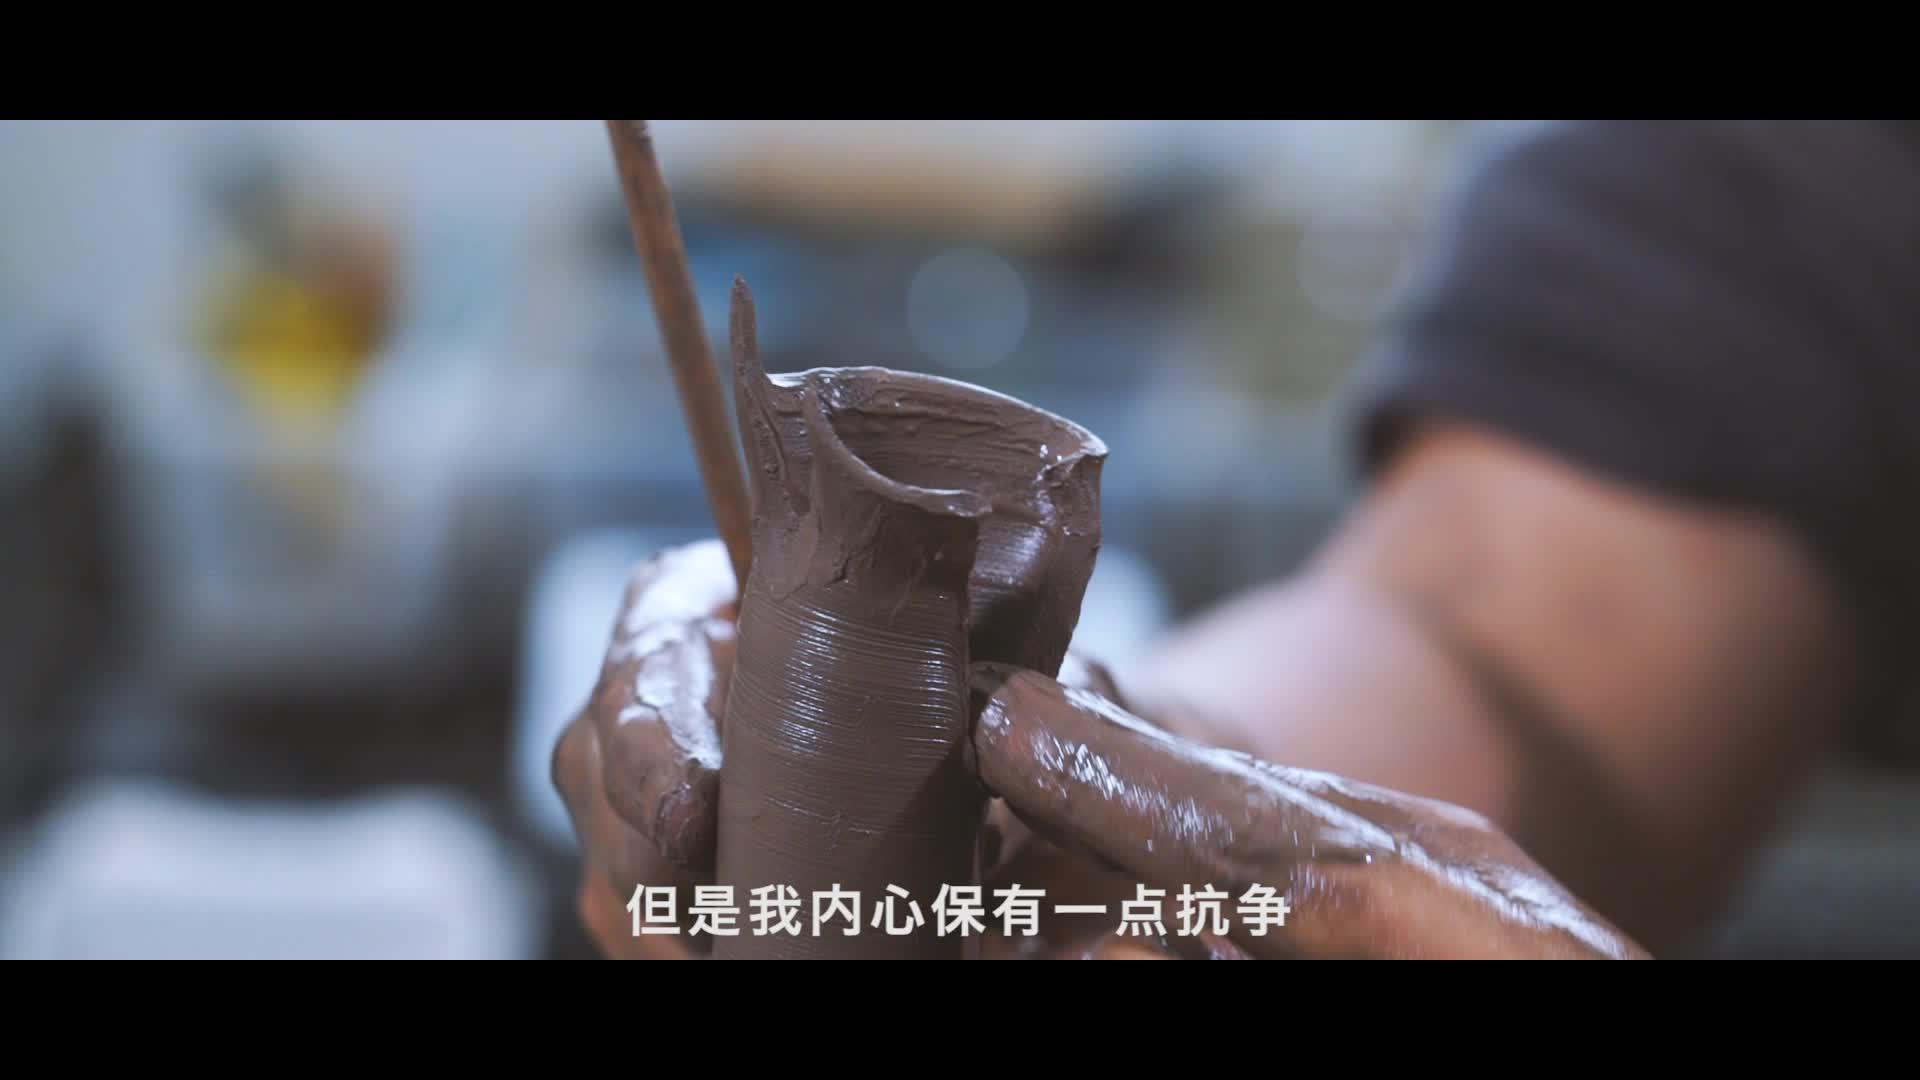 「预告片」现代陶艺雕塑匠人朱志远